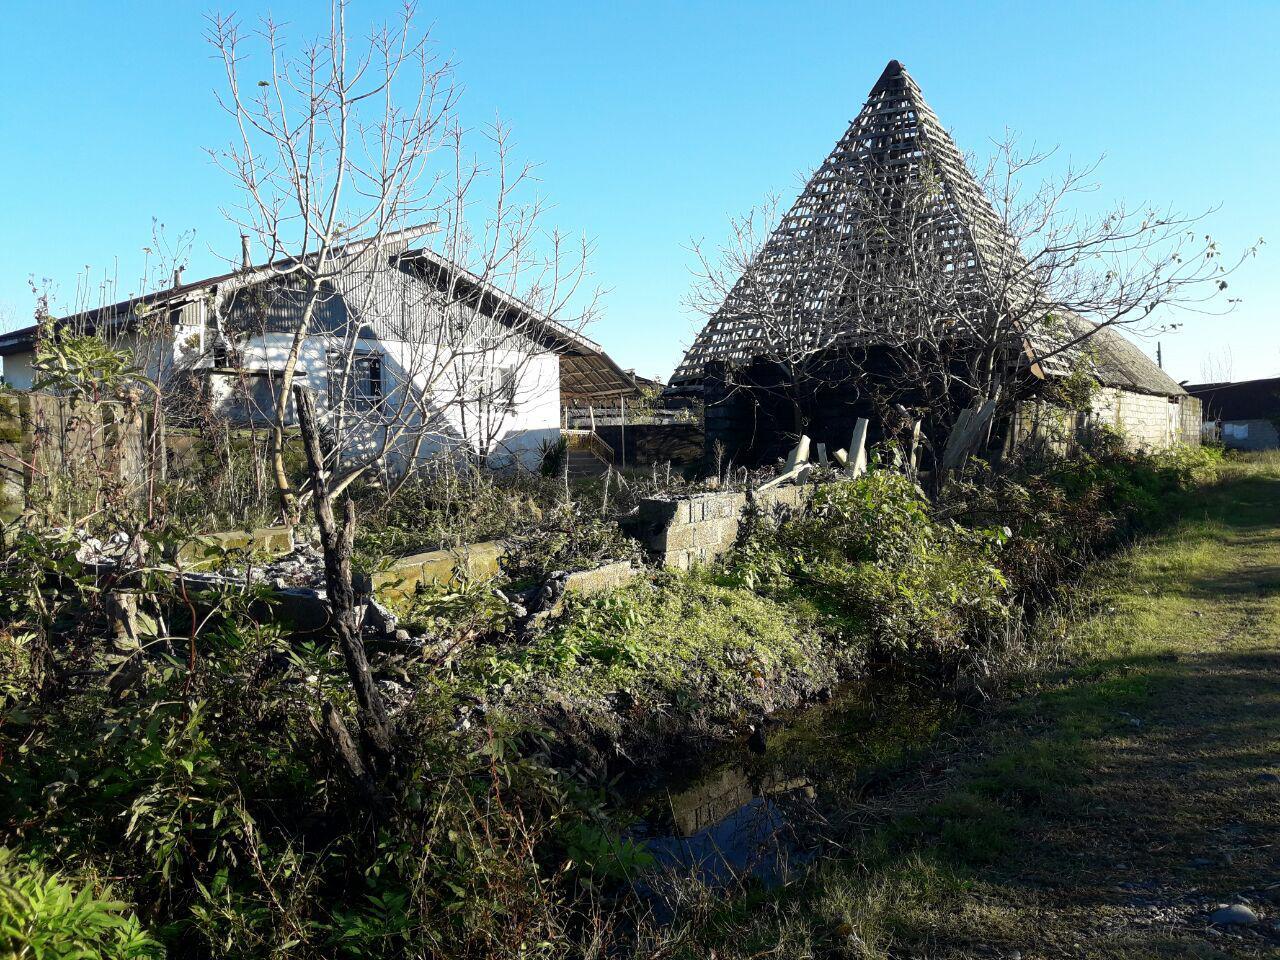 خانه باغ روستایی ۲۰۰۰ متری شمال